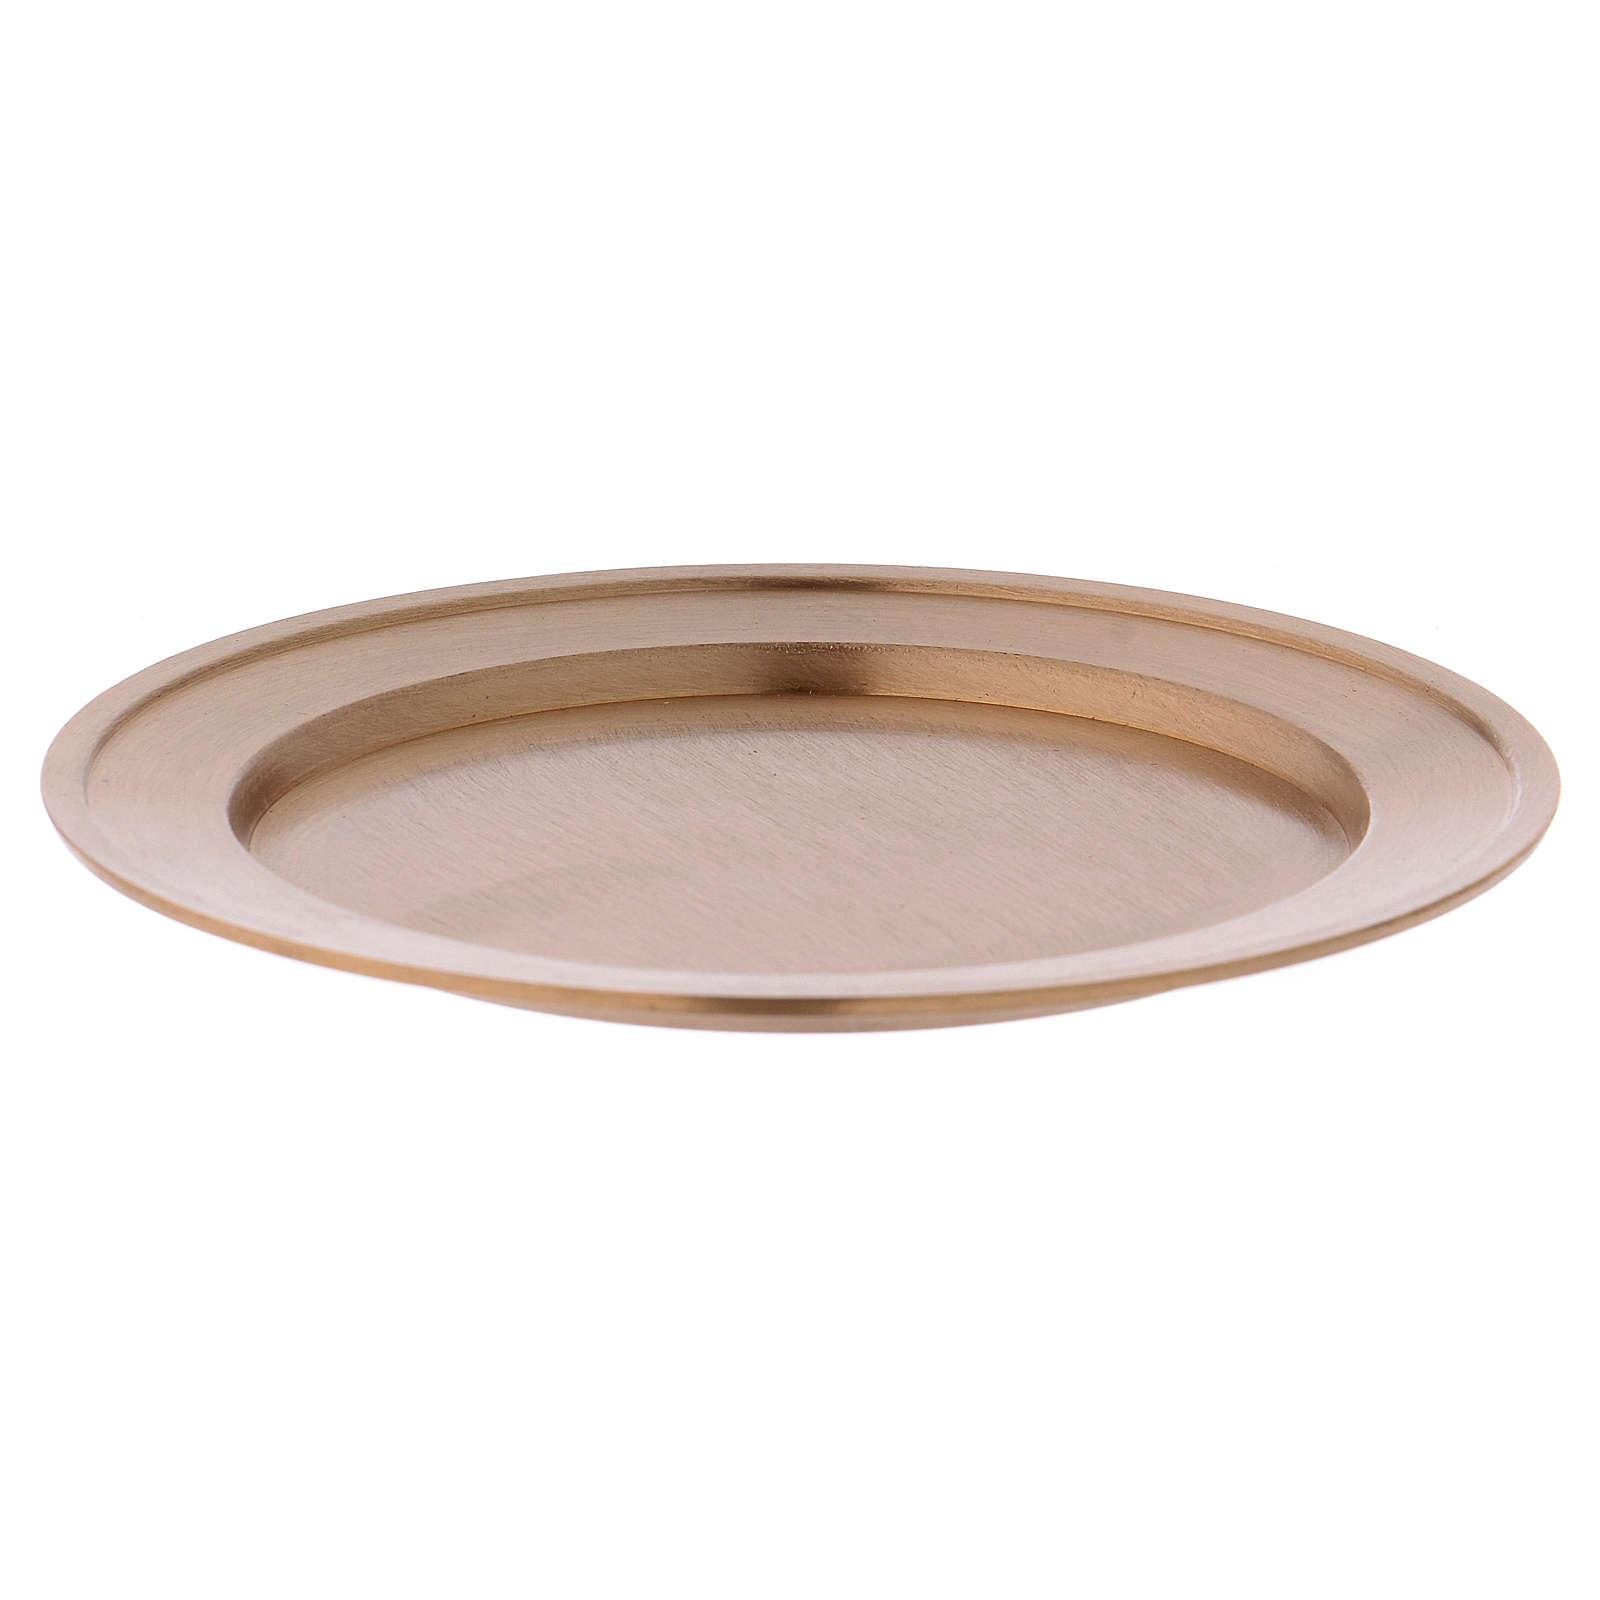 Portavela plato de latón dorado opaco diám. 11 cm 3